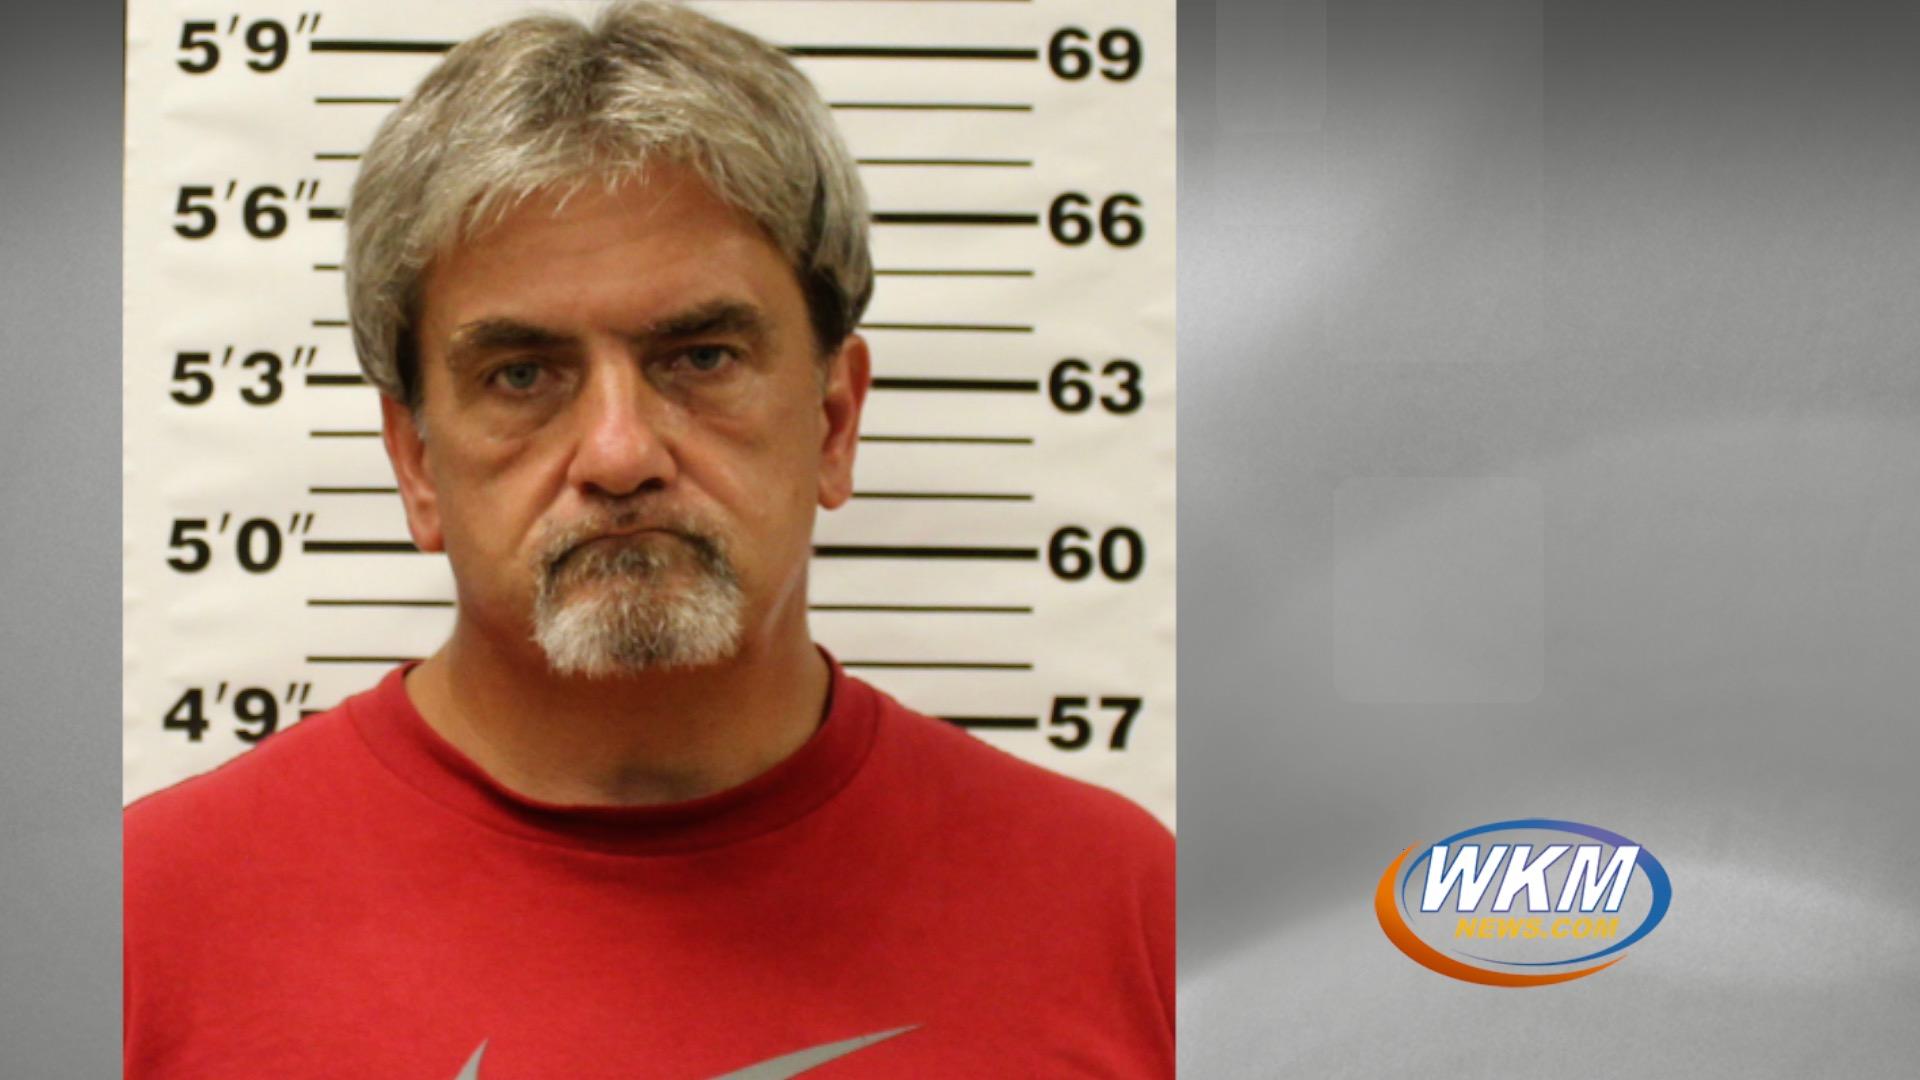 Madison Man Arrested on Drug Dealing Charges